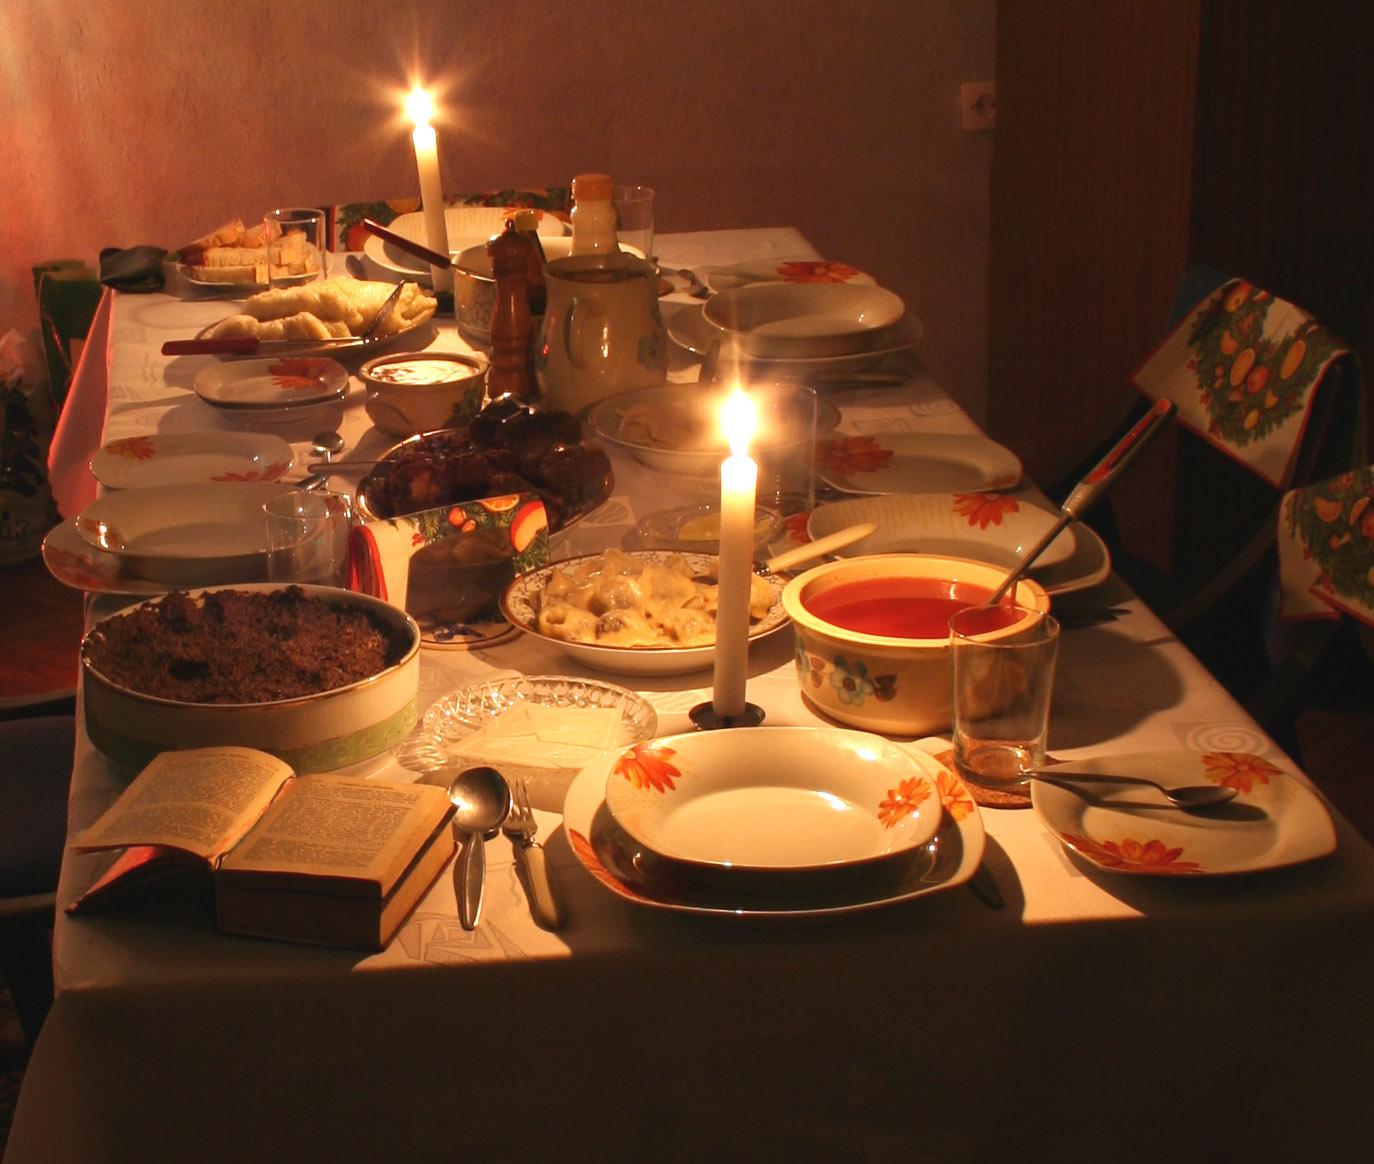 Необходимо в дни Рождественского поста создать правильную, одухотворенную атмосферу за семейной трапезой